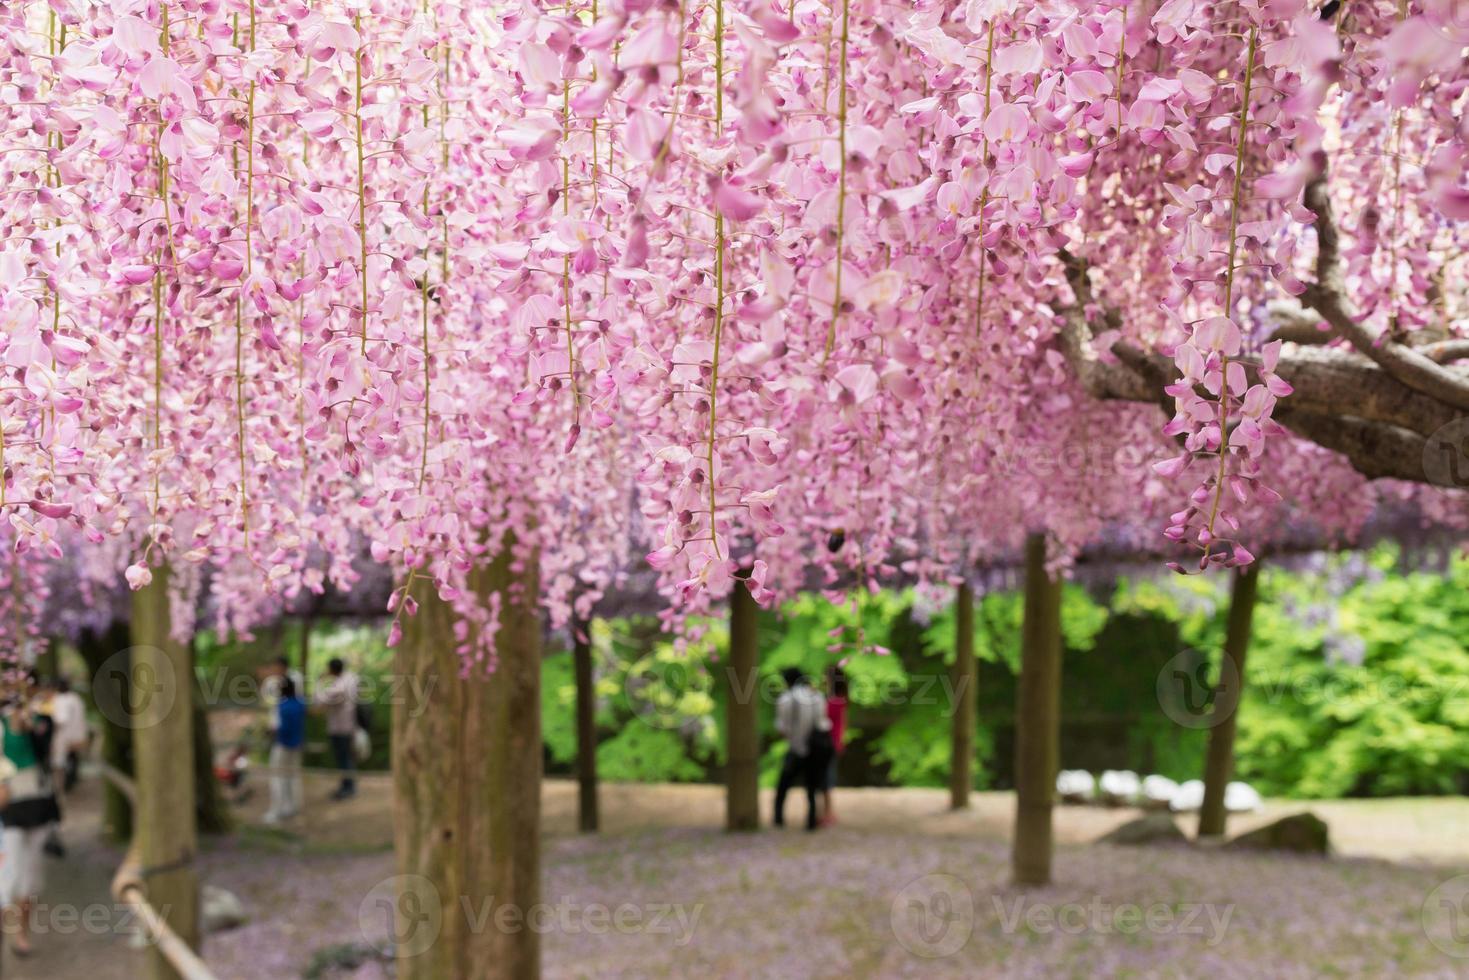 wisteria tunnel, den fantastiska världen full av blommor av blåsor foto